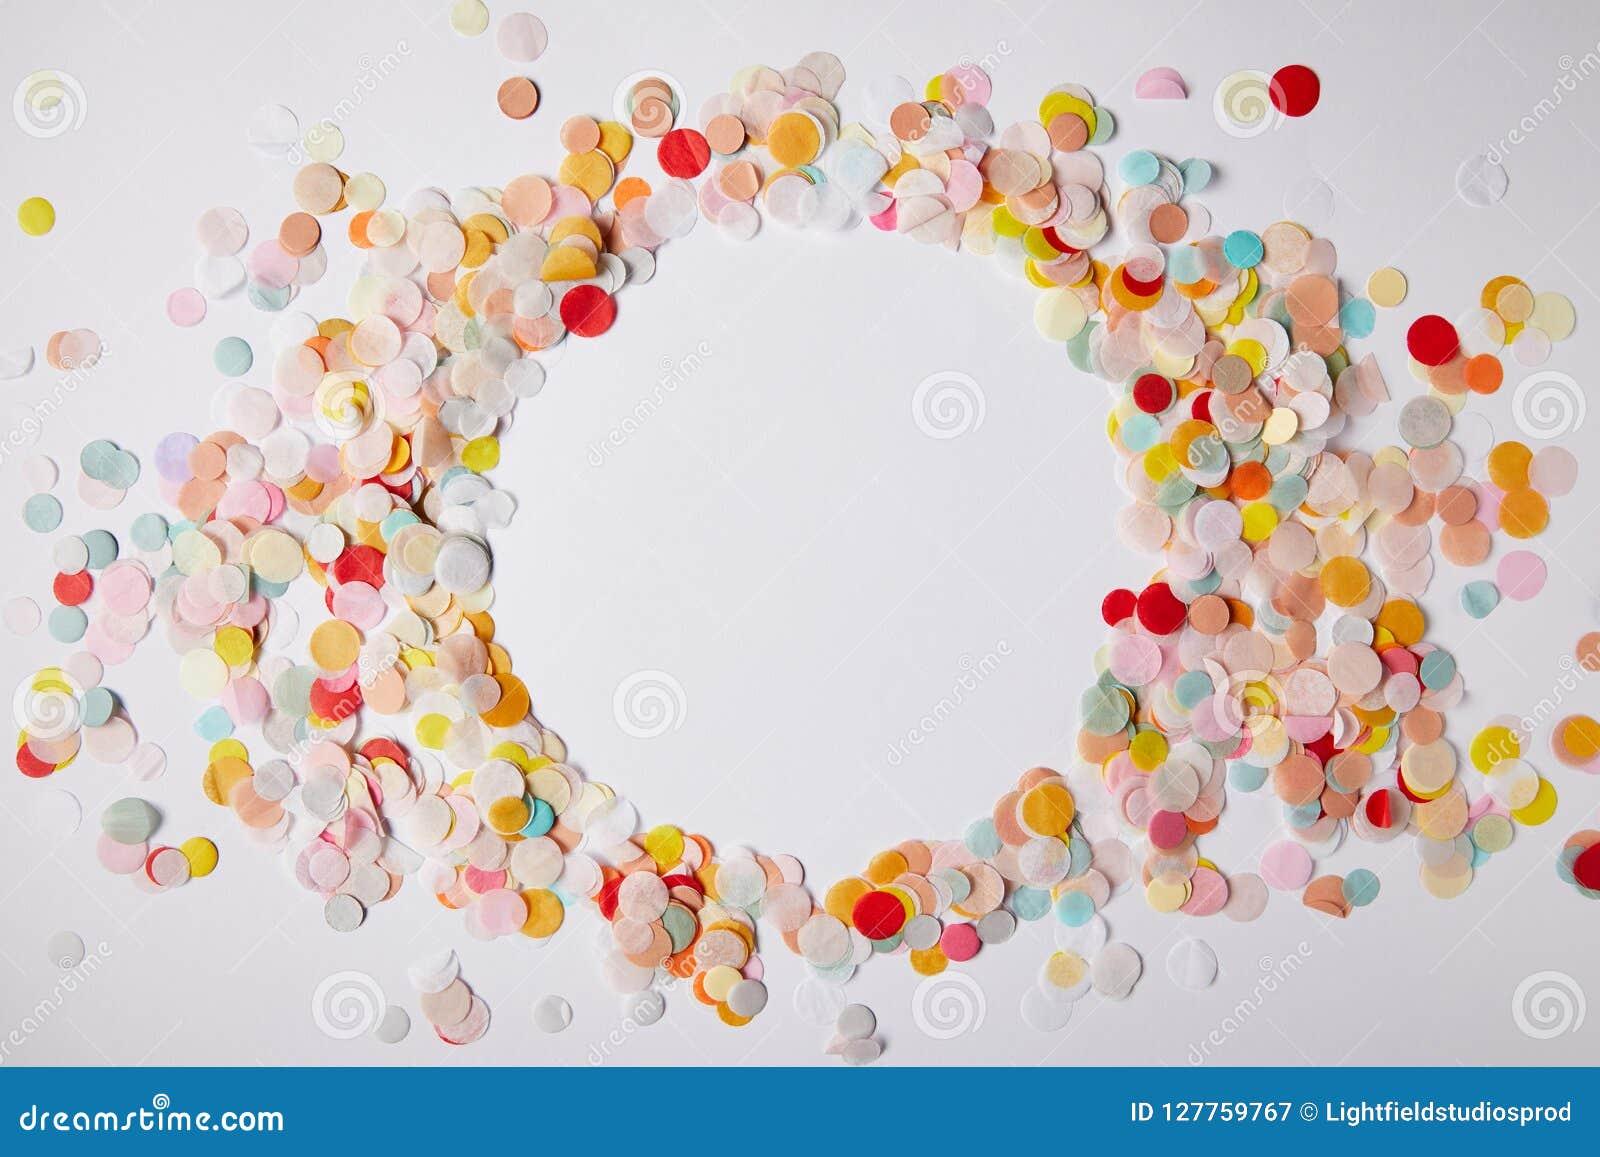 Bästa sikt av cirkeln av kulöra konfettistycken på vit yttersida